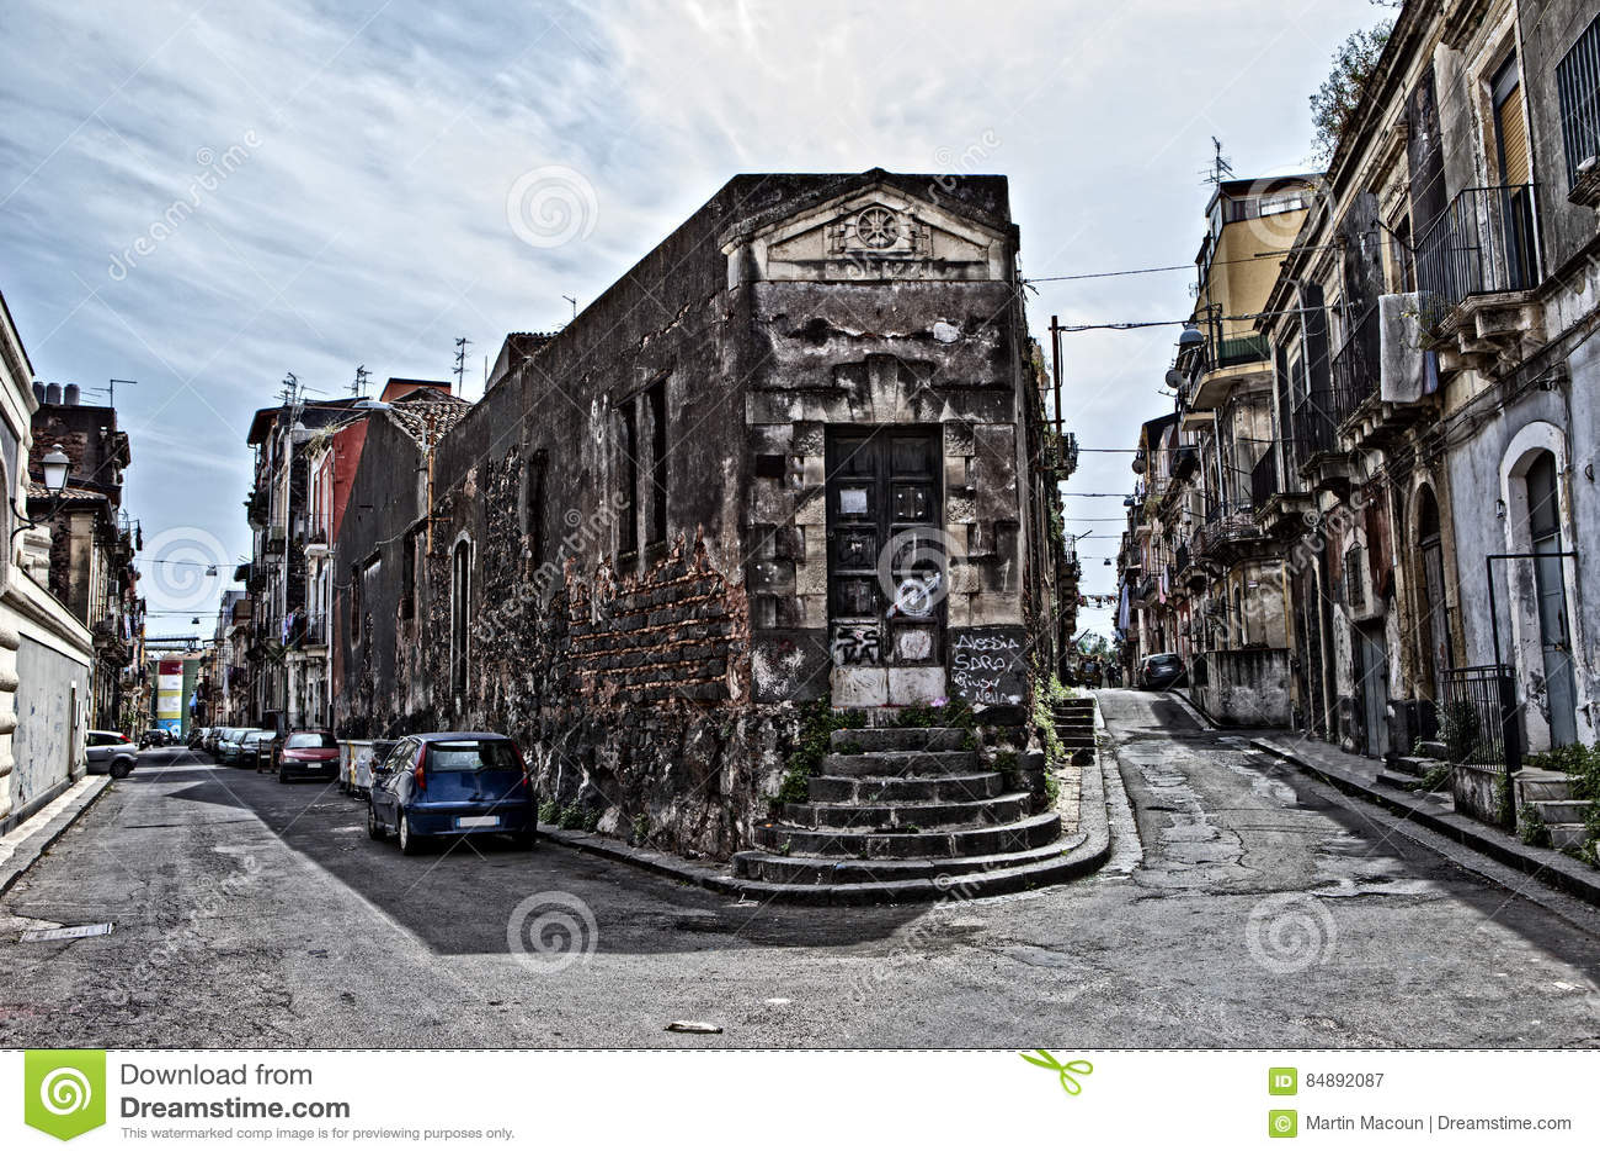 Getto in Catania stockbild. Bild von europa, platz, architektur ...